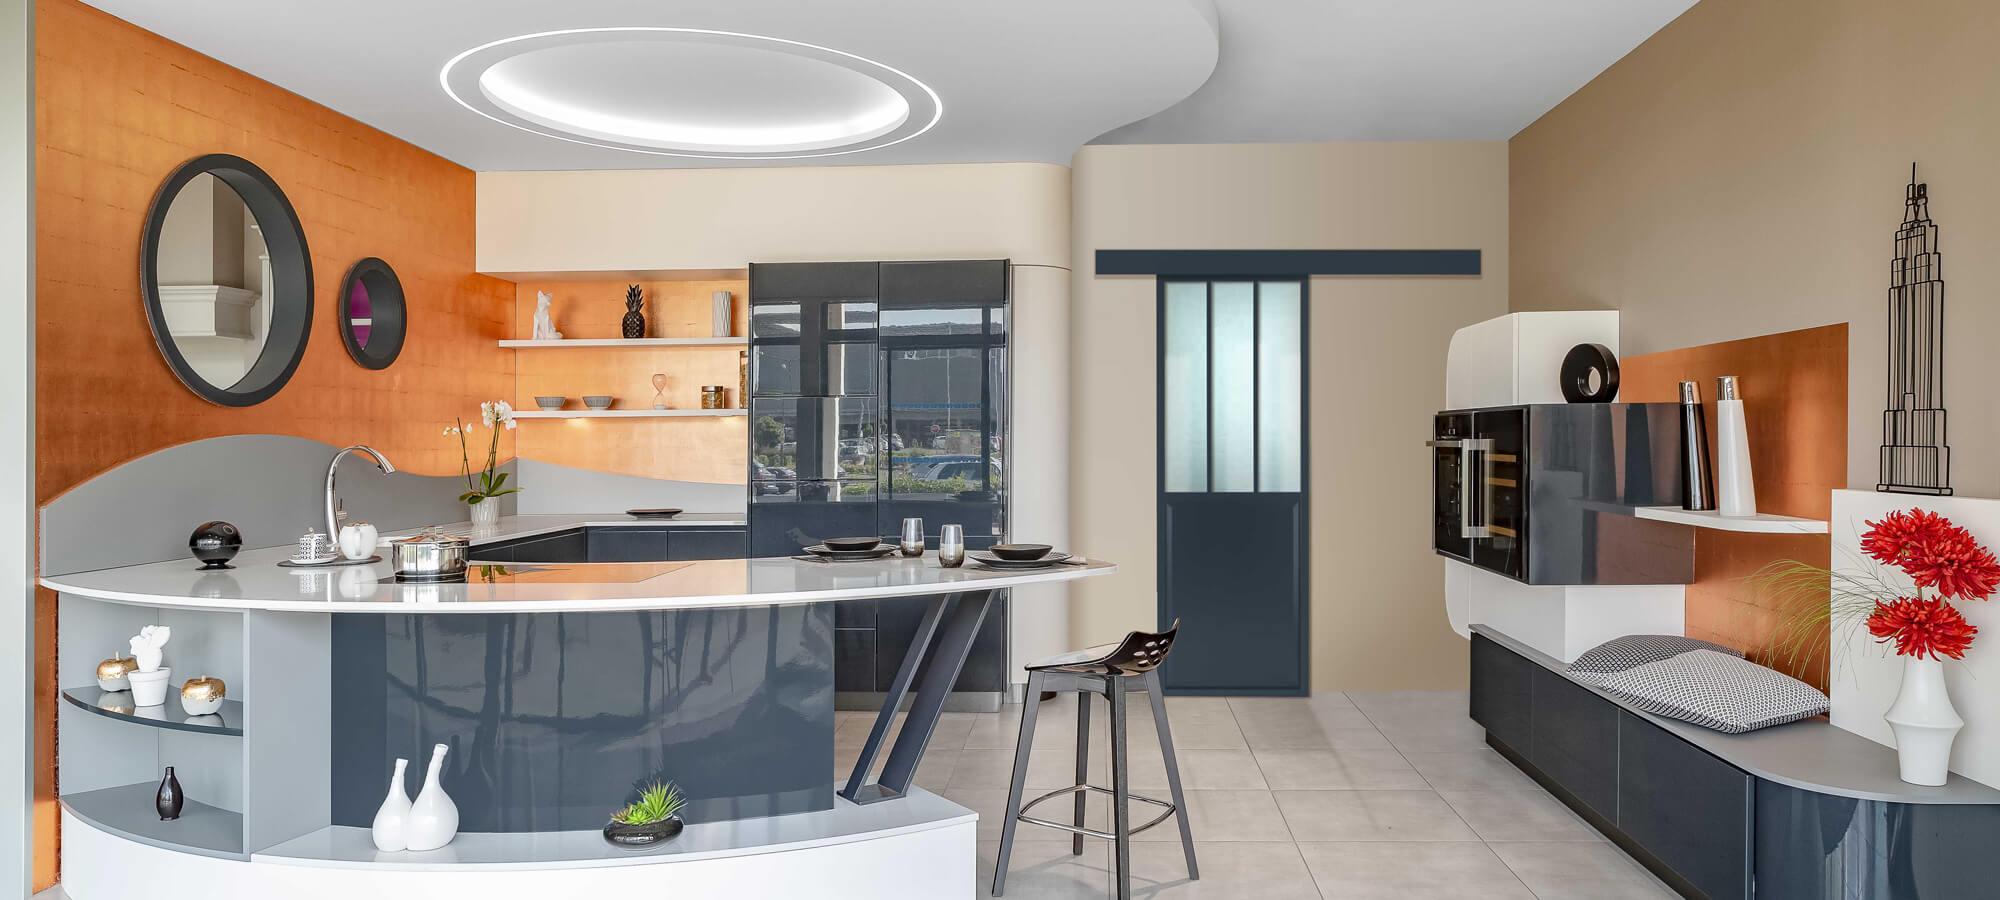 Atelier De La Cuisine Nantes créations gravouille - architecture et aménagement d'intérieur